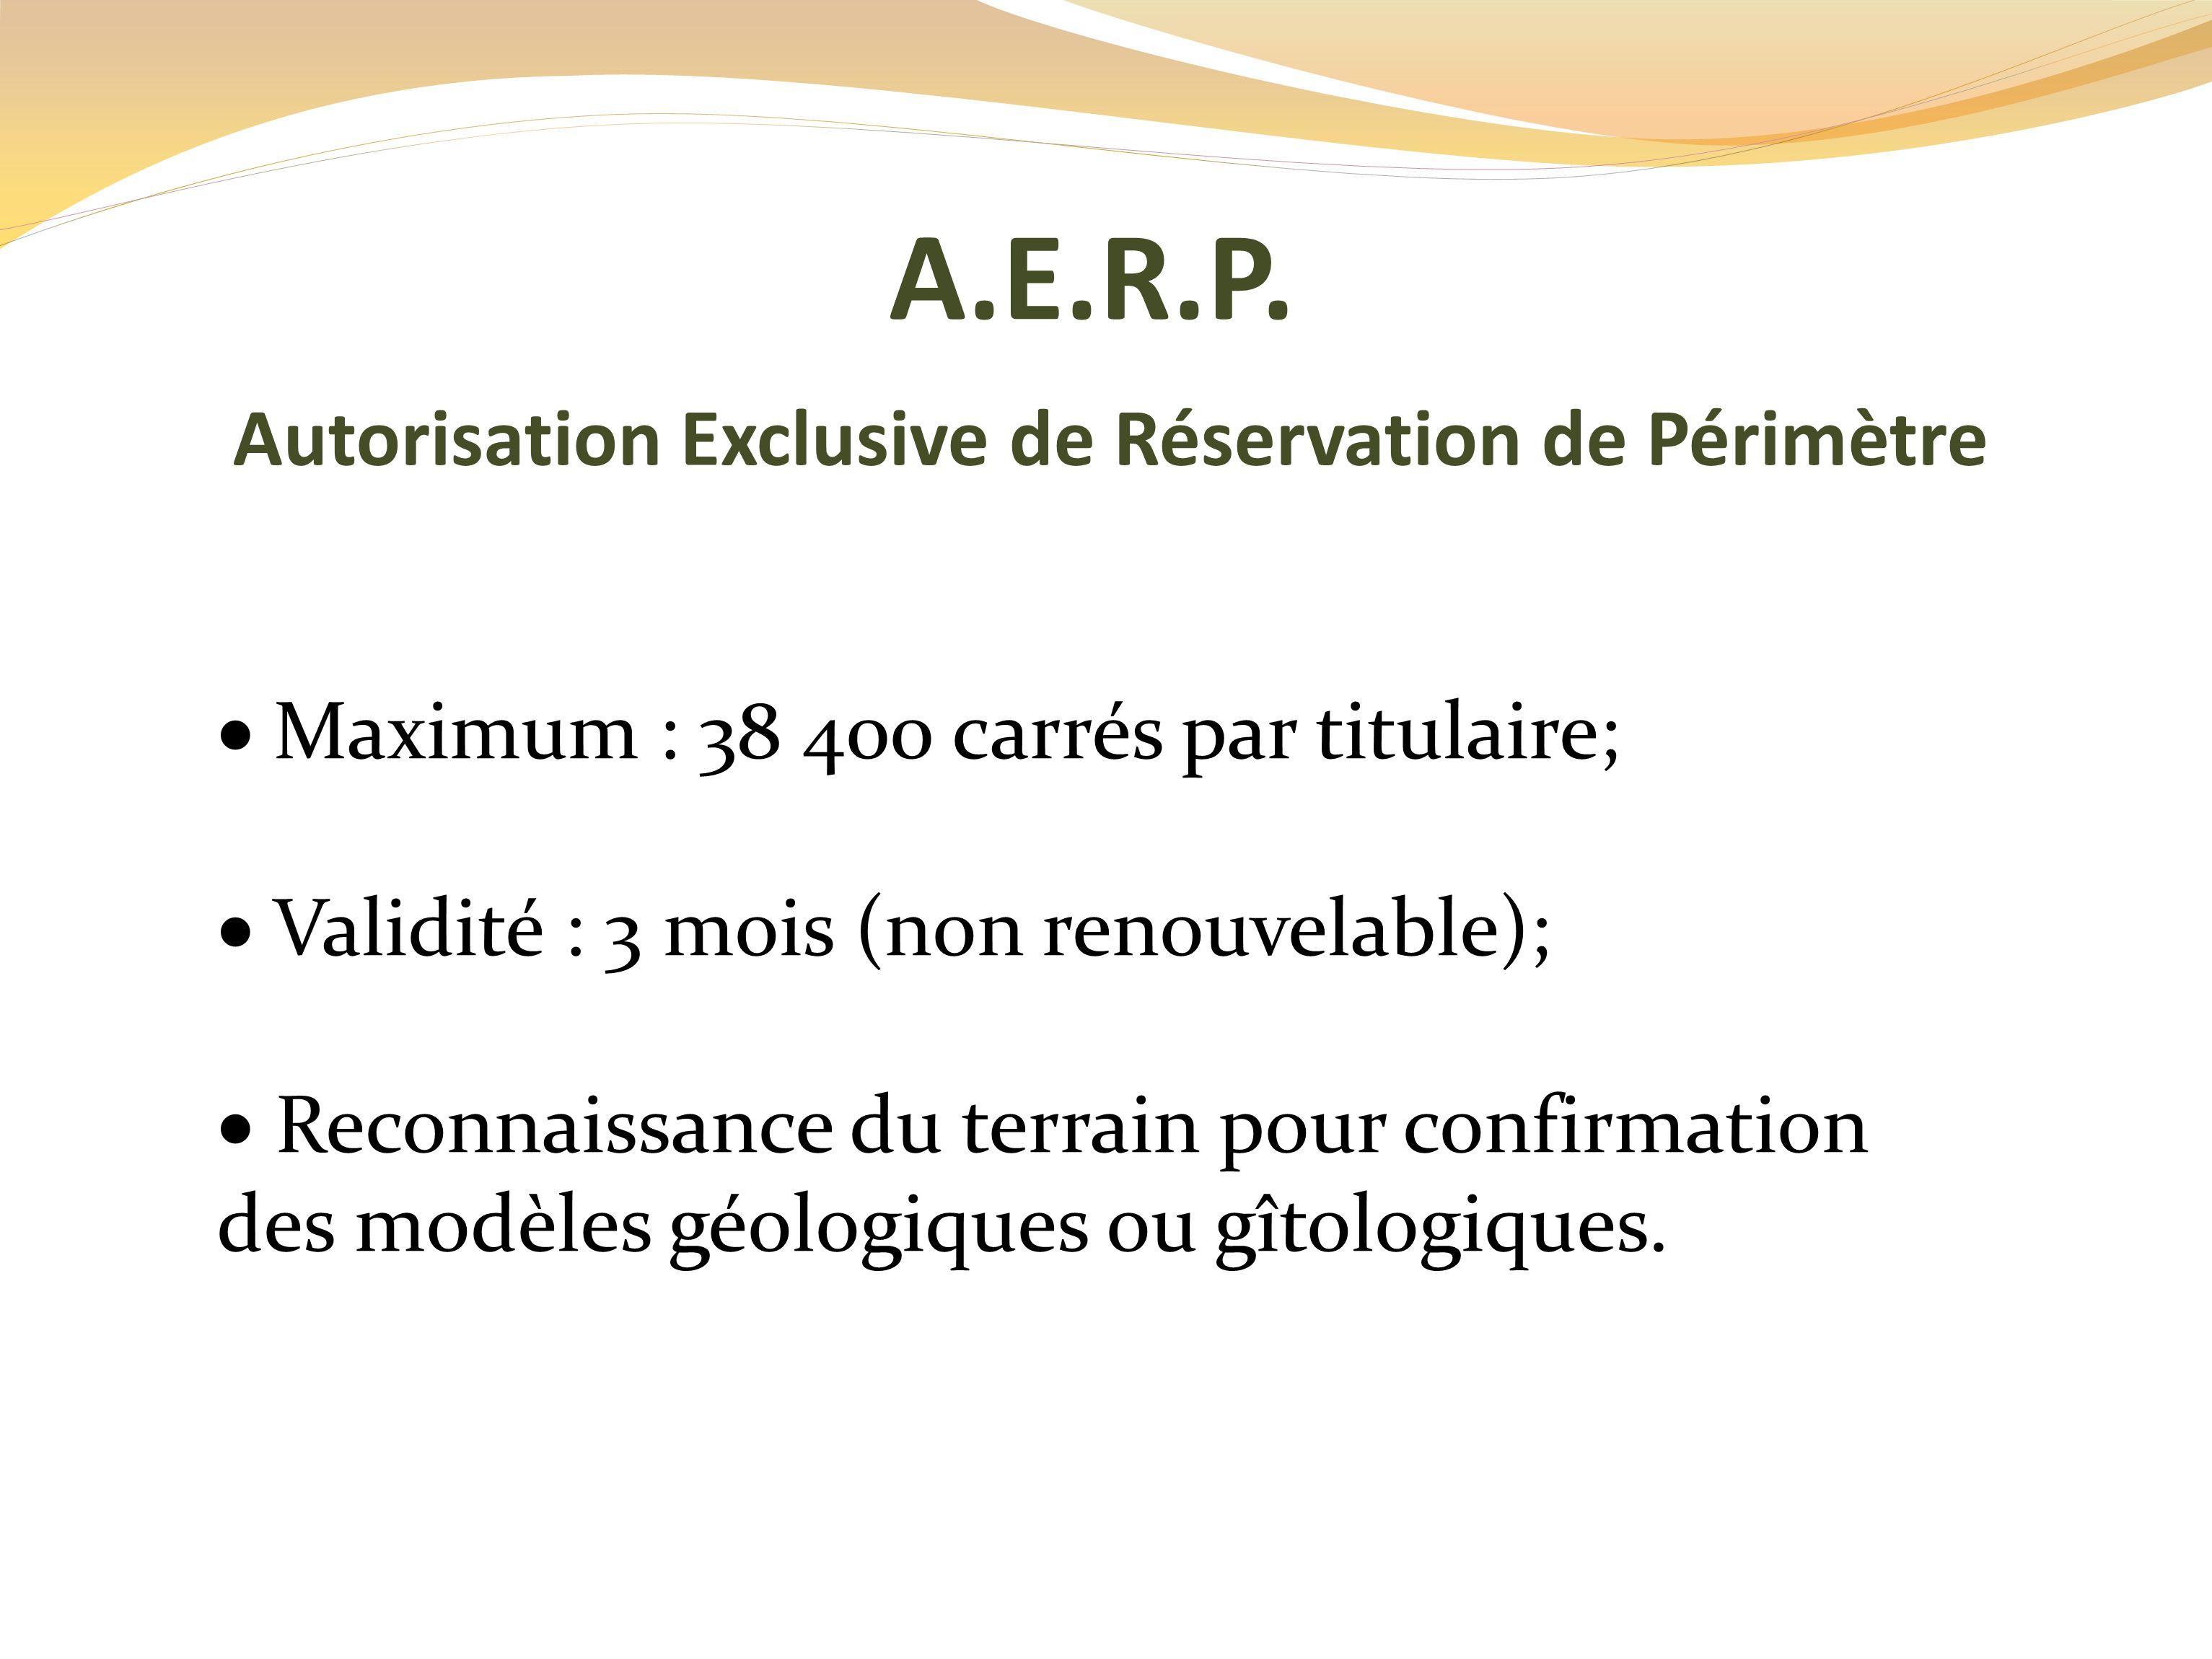 Autorisation Exclusive de Réservation de Périmètre